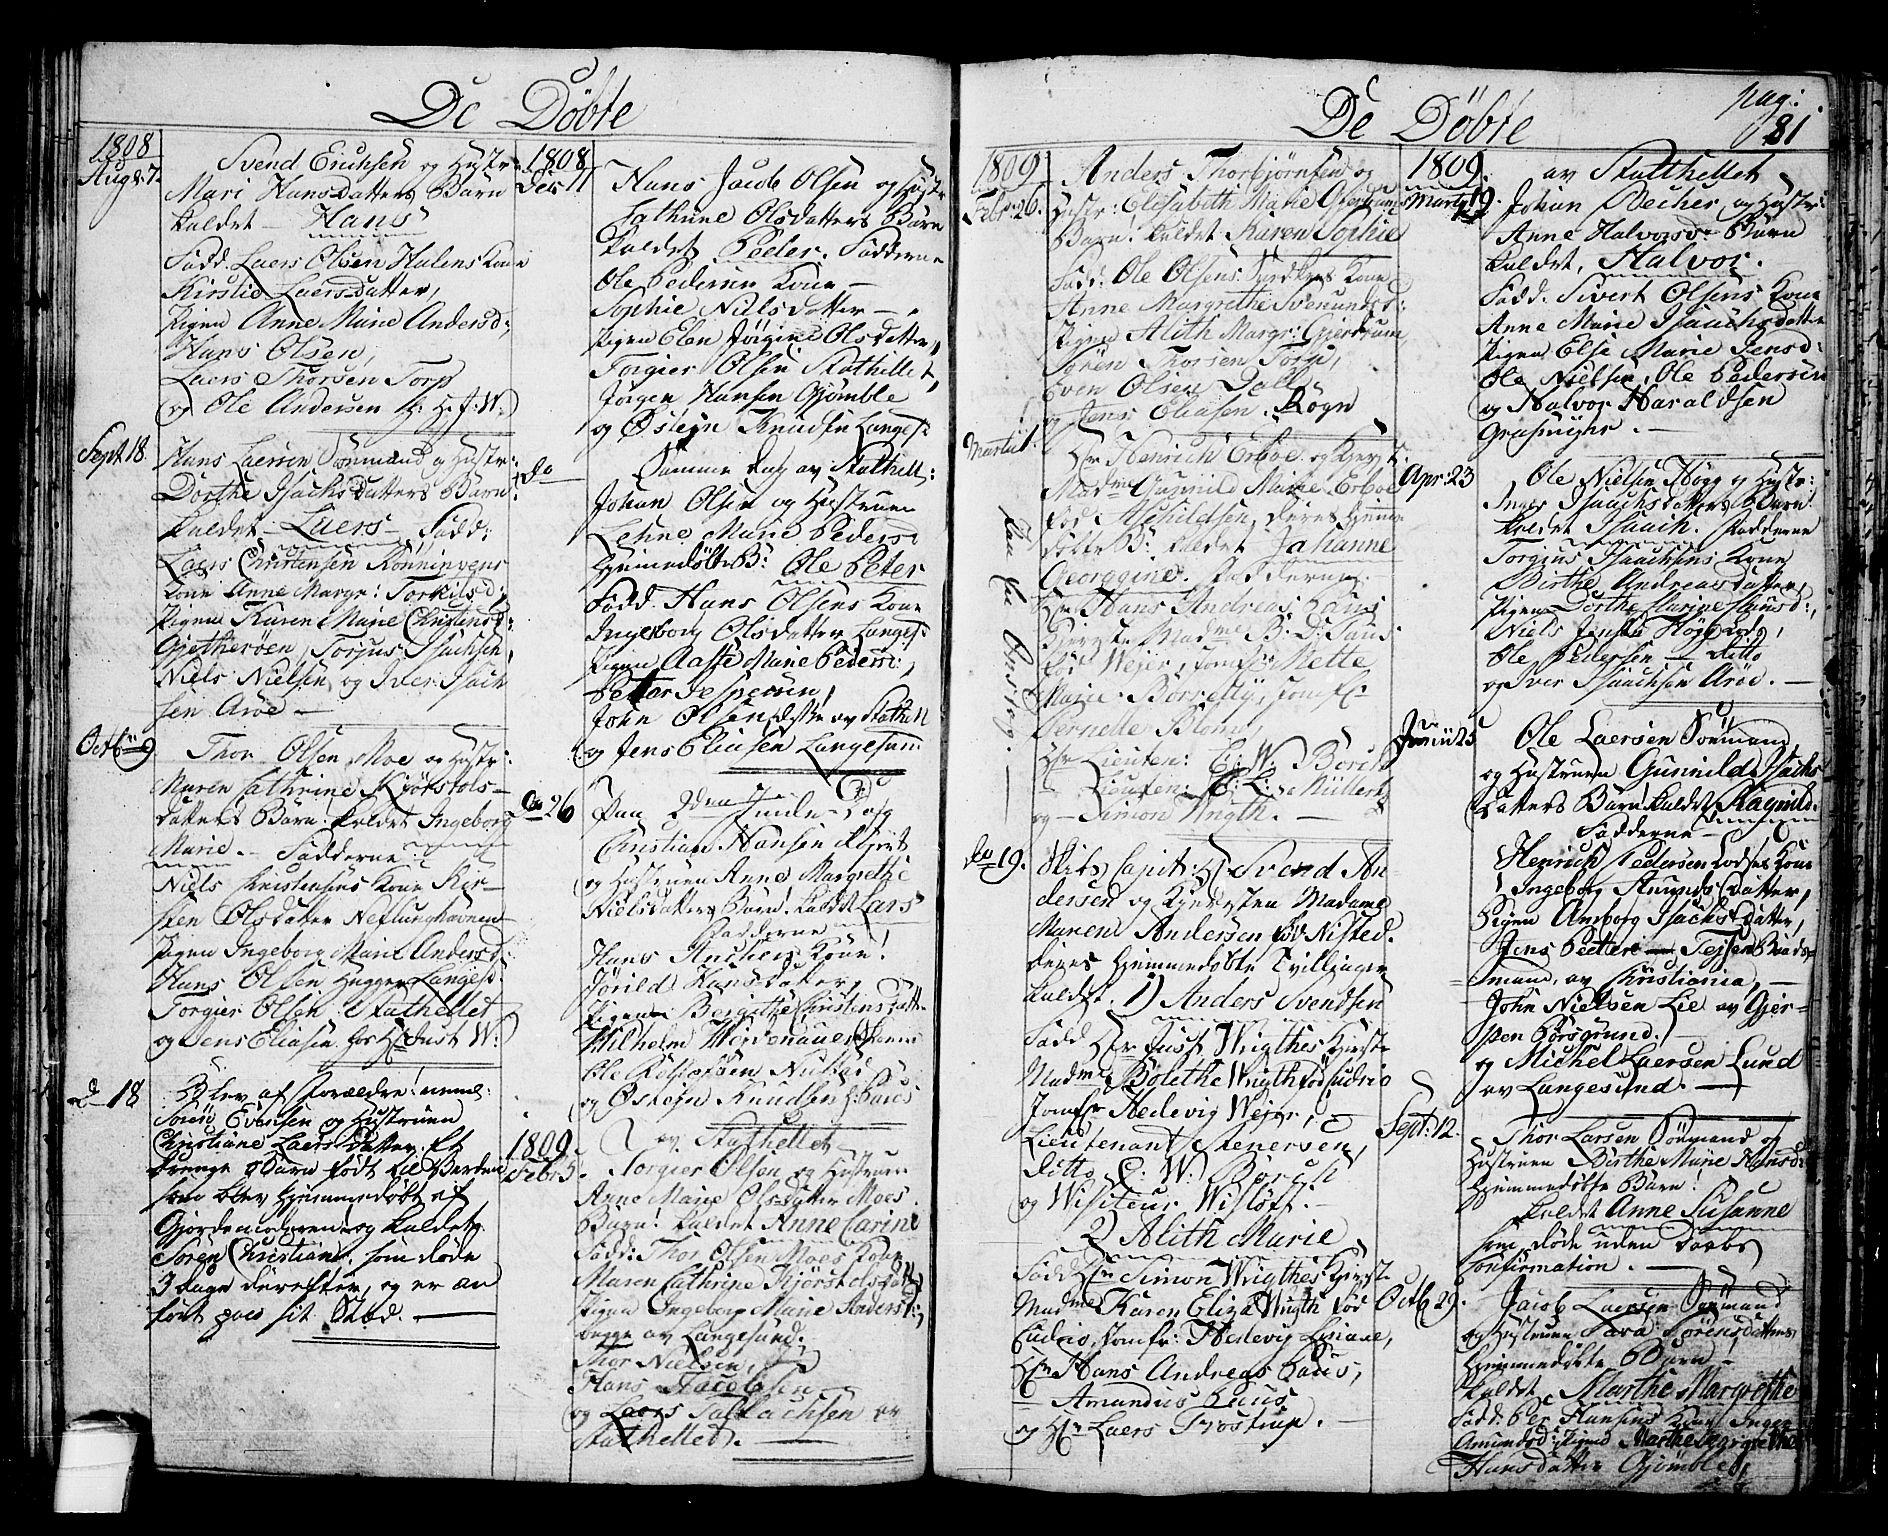 SAKO, Langesund kirkebøker, G/Ga/L0002: Klokkerbok nr. 2, 1801-1815, s. 81